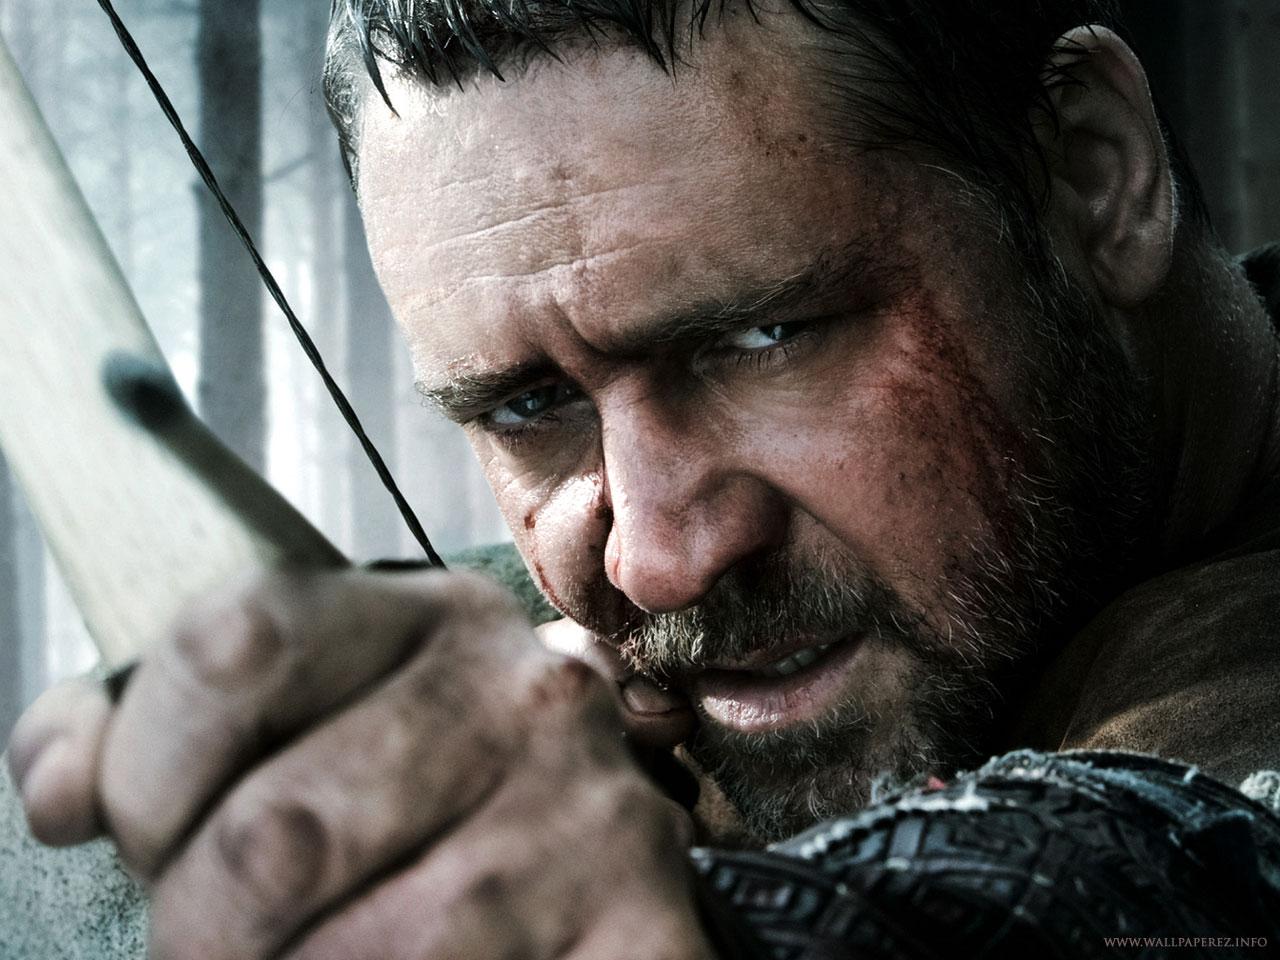 Russell Crowe aka Maximus aka Robin Hood